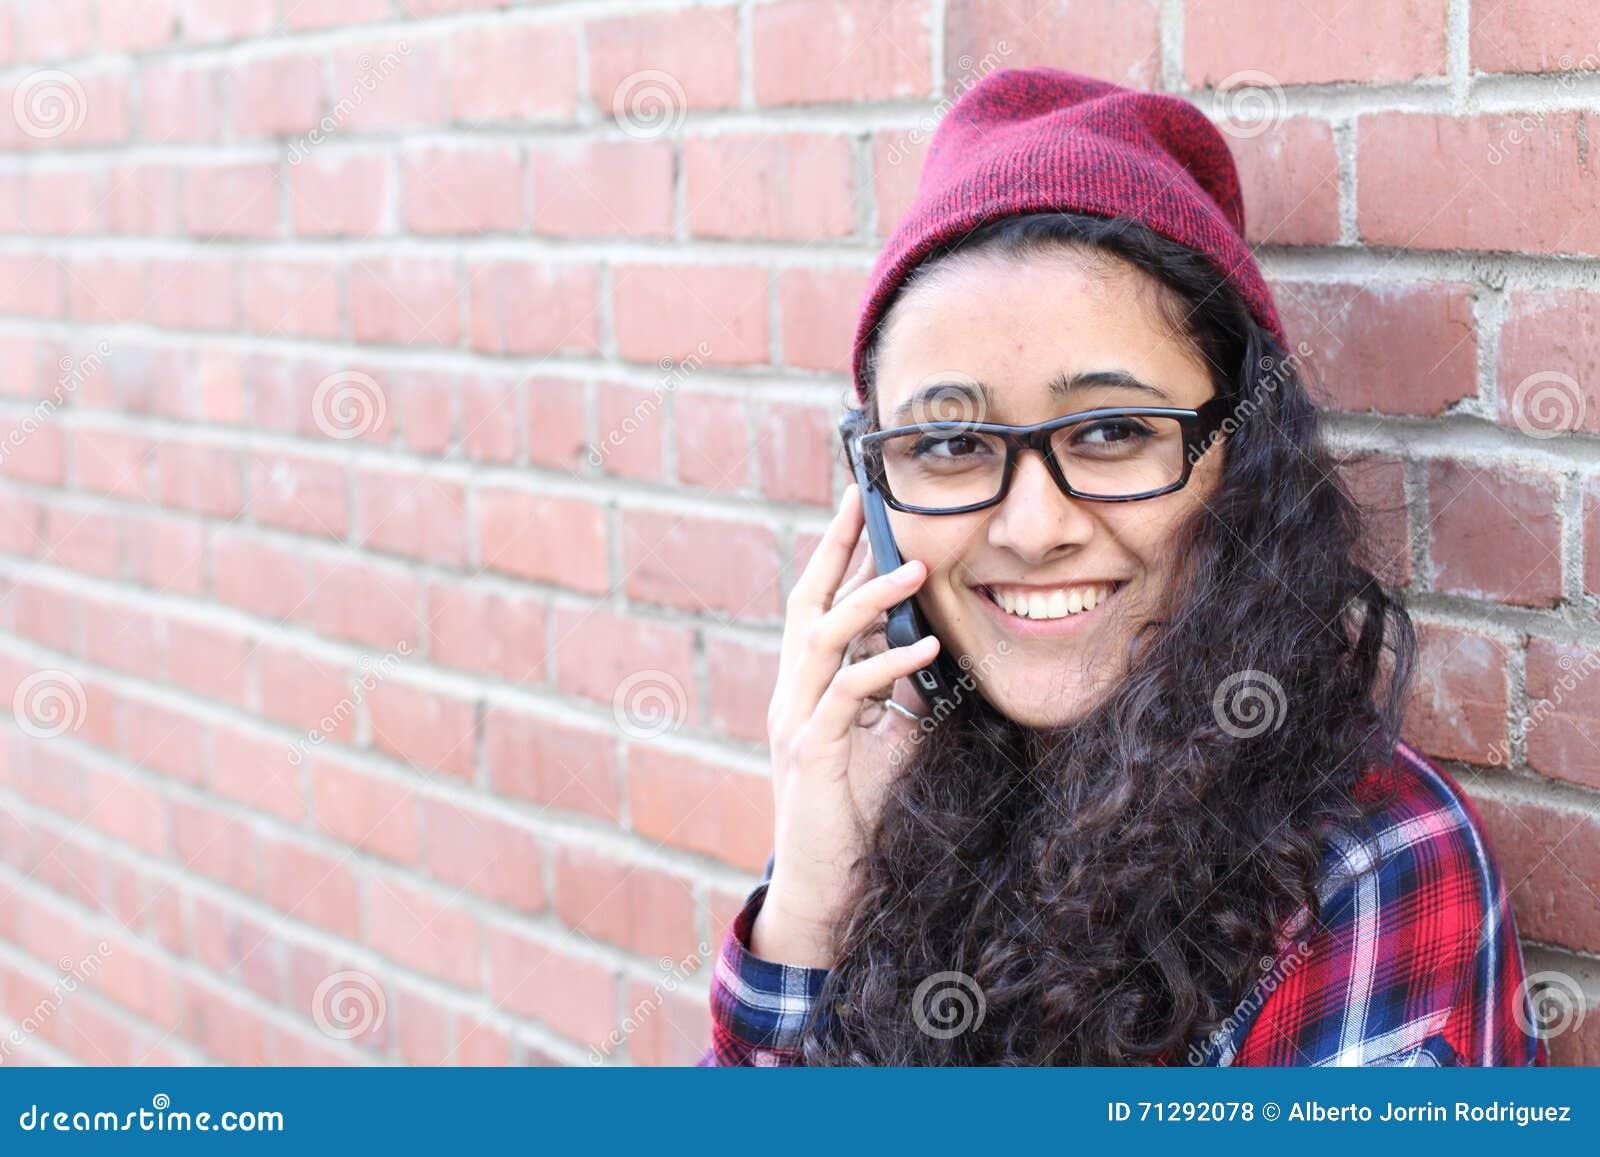 格子花呢上衣和童帽帽子的微笑的冬天行家女孩有在砖墙上的手机的 少年通信概念